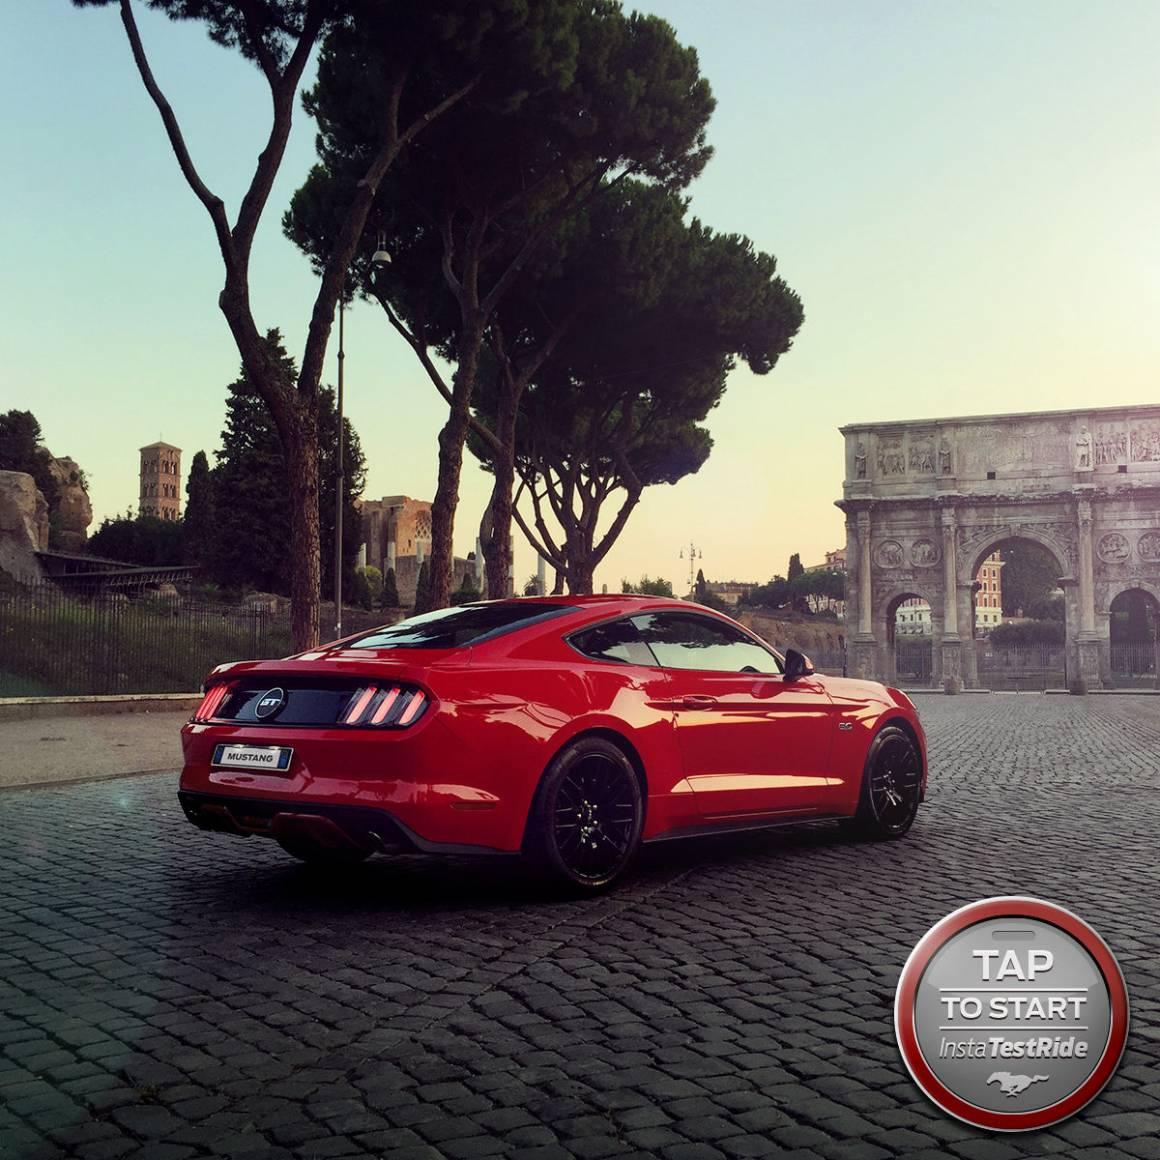 InstaTestDrive1 1160x1160 - Ford Italia lancia InstaTestDrive: il test drive della Mustang su Instagram